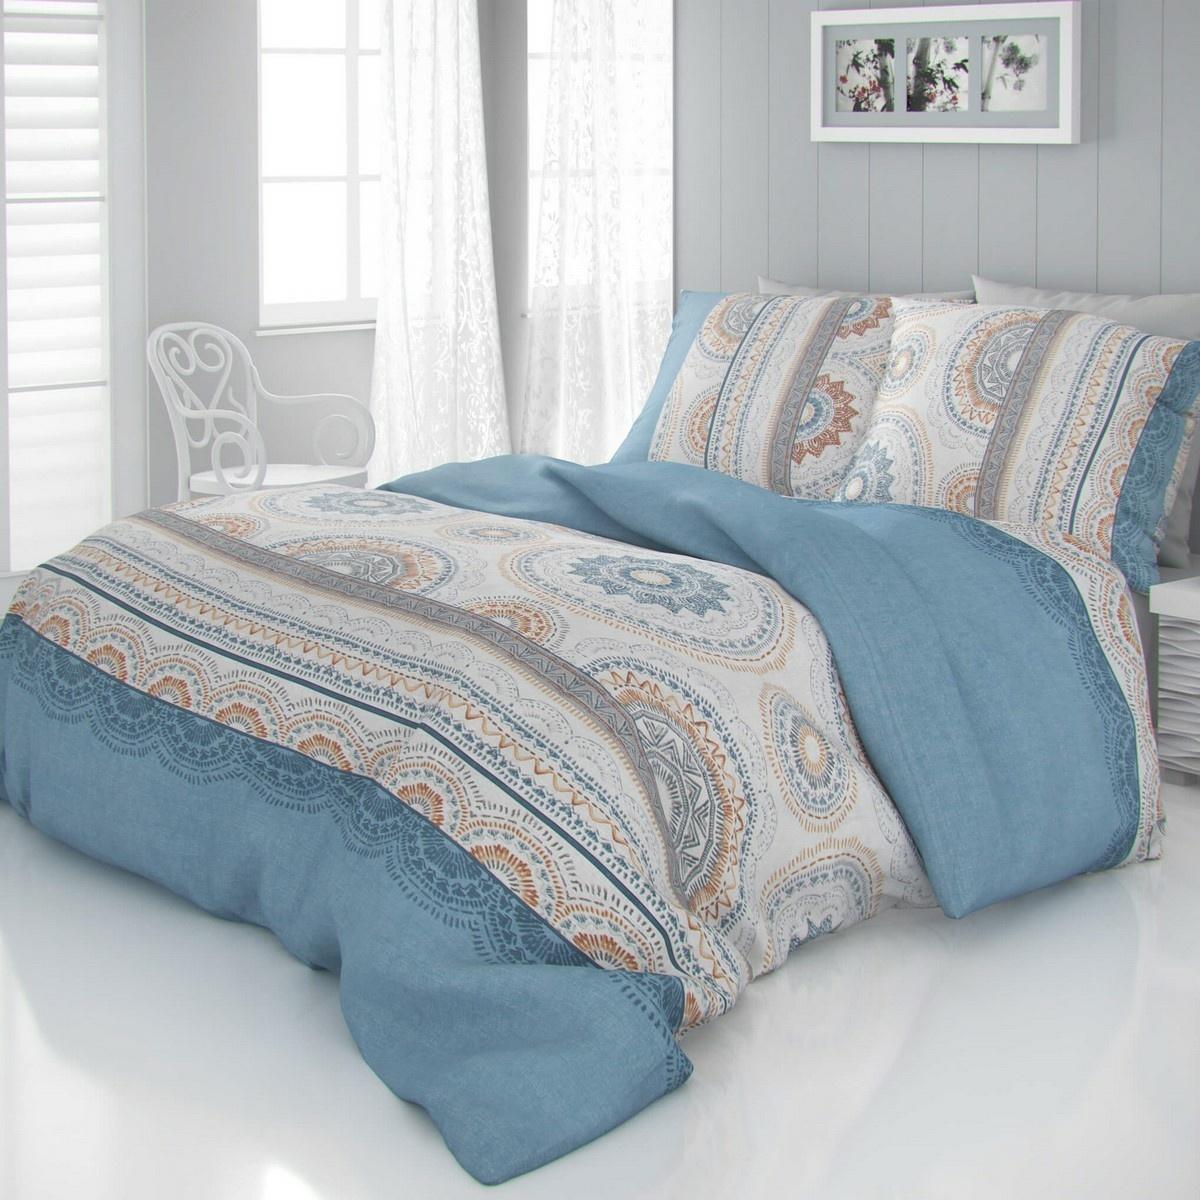 Kvalitex Saténové obliečky Luxury Collection Carmela modrá